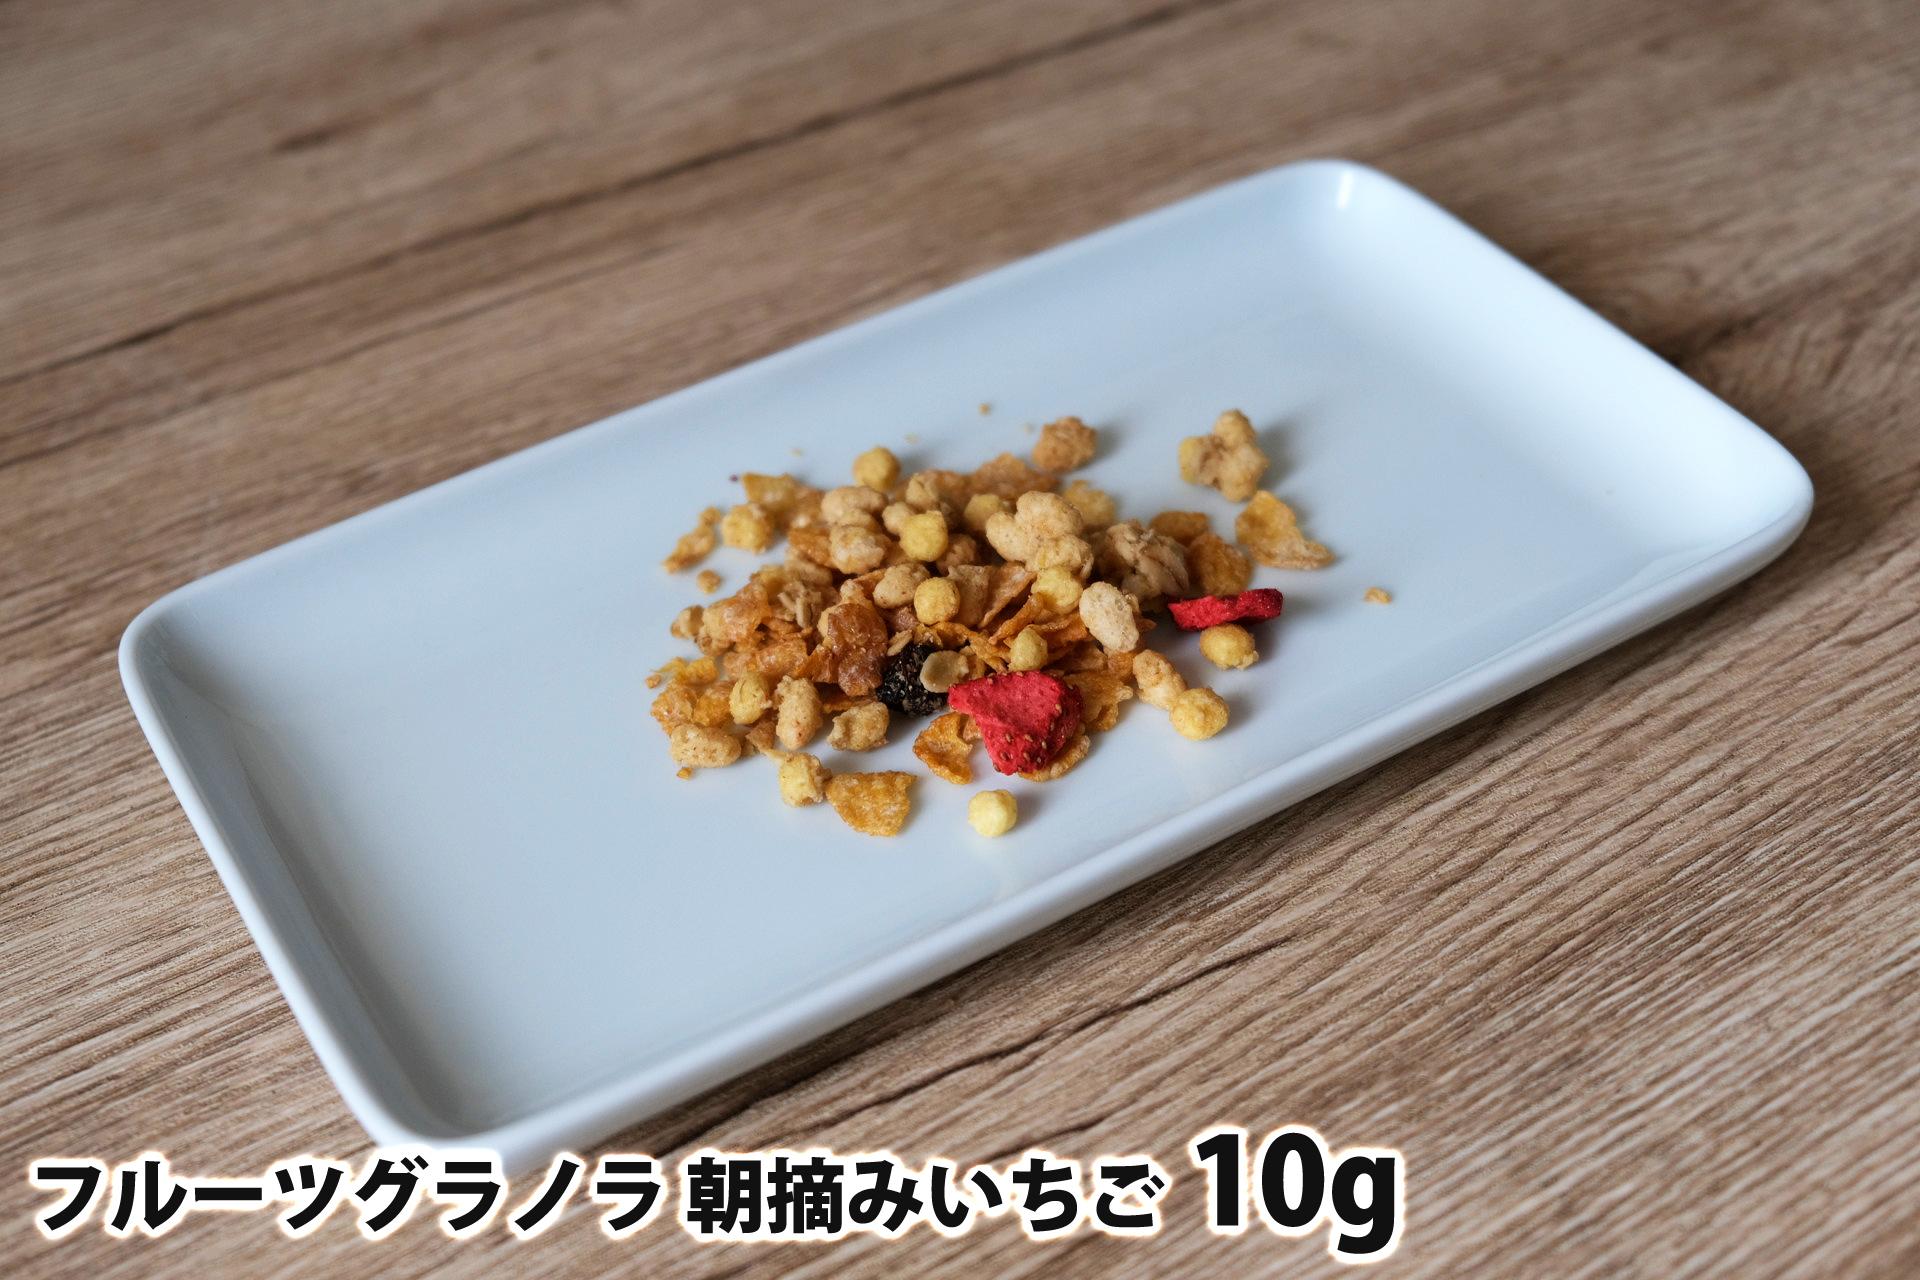 10gのフルーツグラノラ 朝摘みいちご